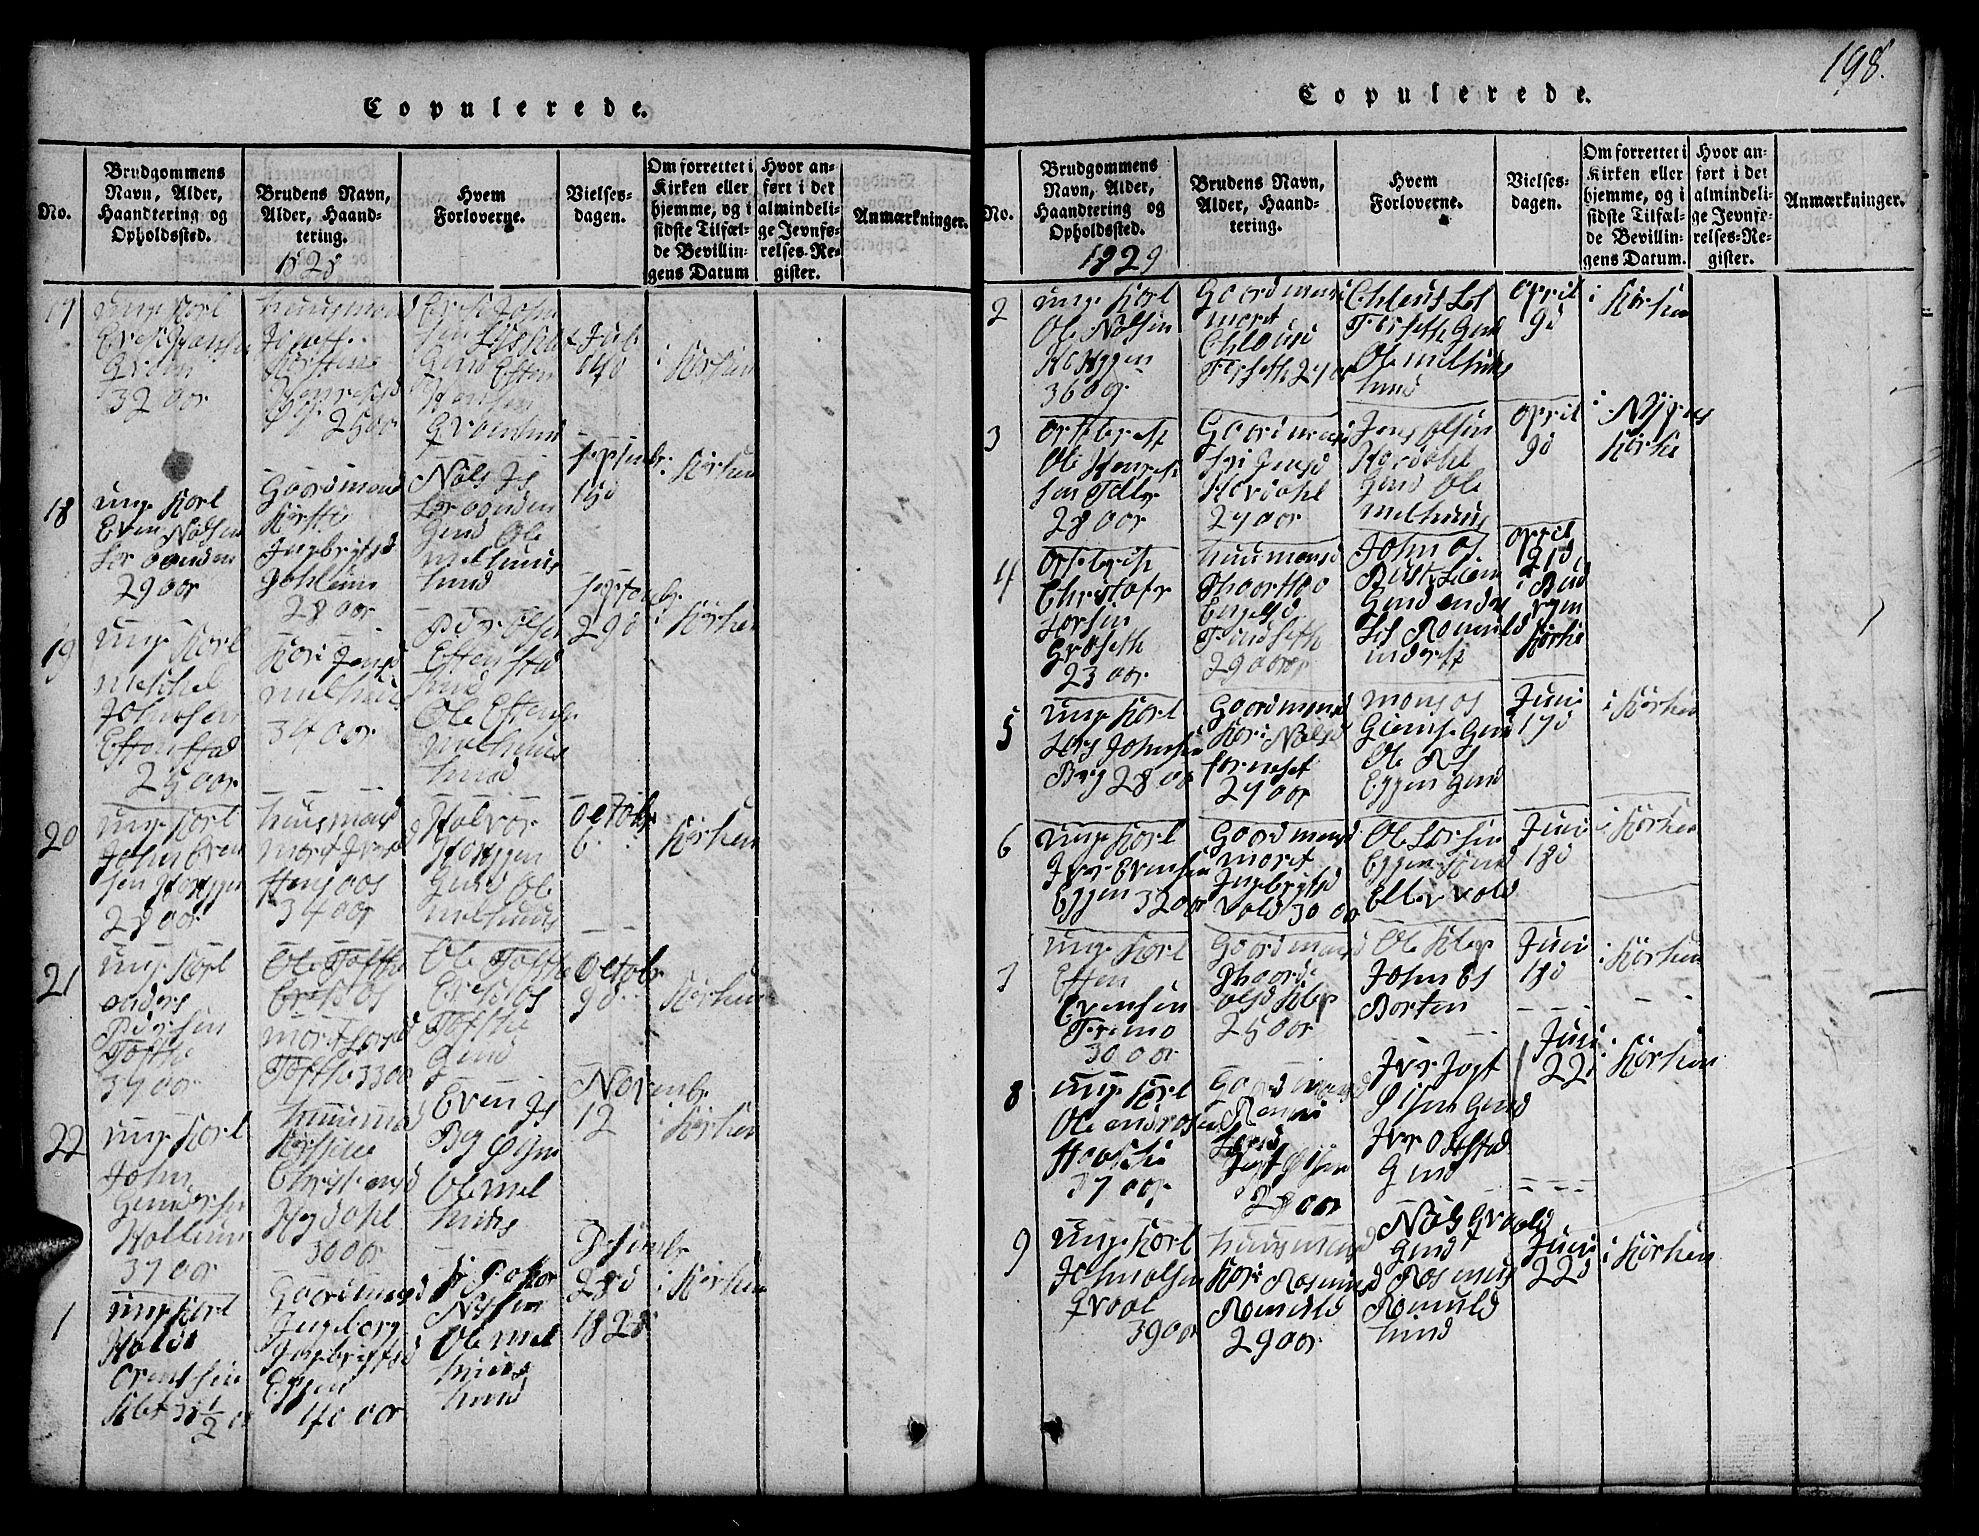 SAT, Ministerialprotokoller, klokkerbøker og fødselsregistre - Sør-Trøndelag, 691/L1092: Klokkerbok nr. 691C03, 1816-1852, s. 198